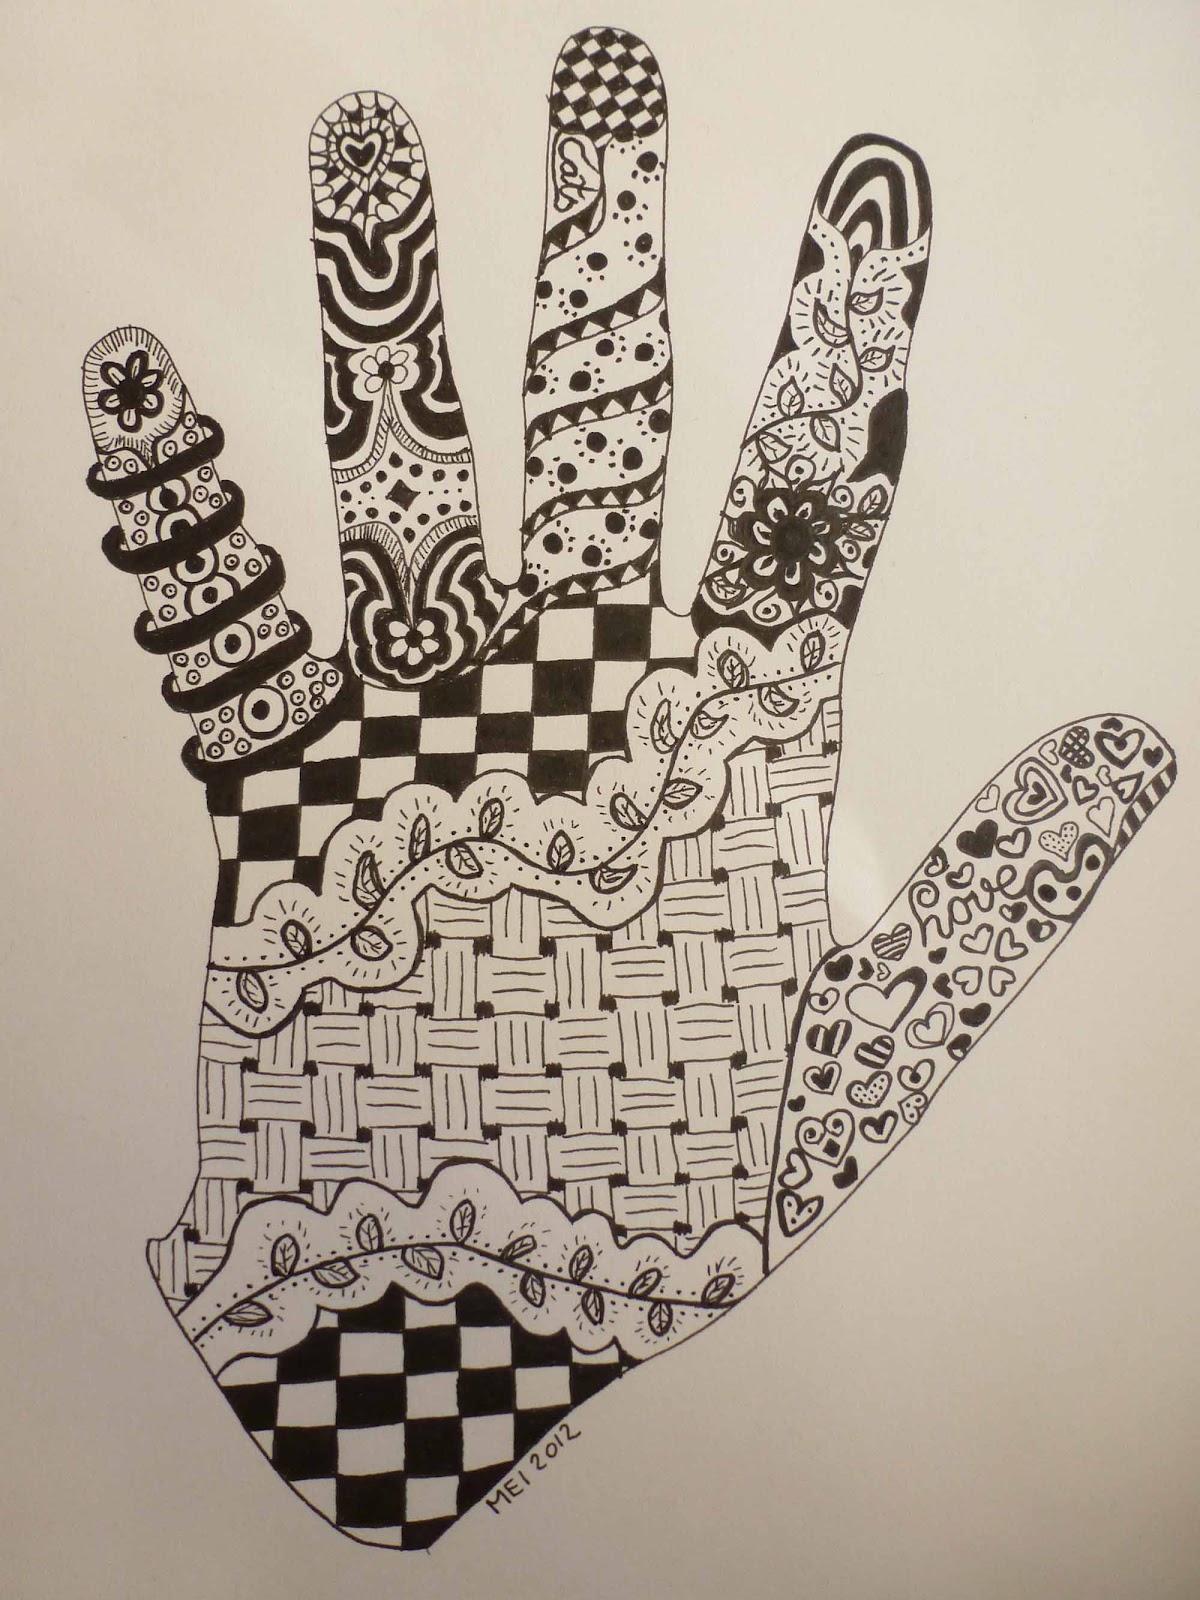 Minimoek: Doodles 2